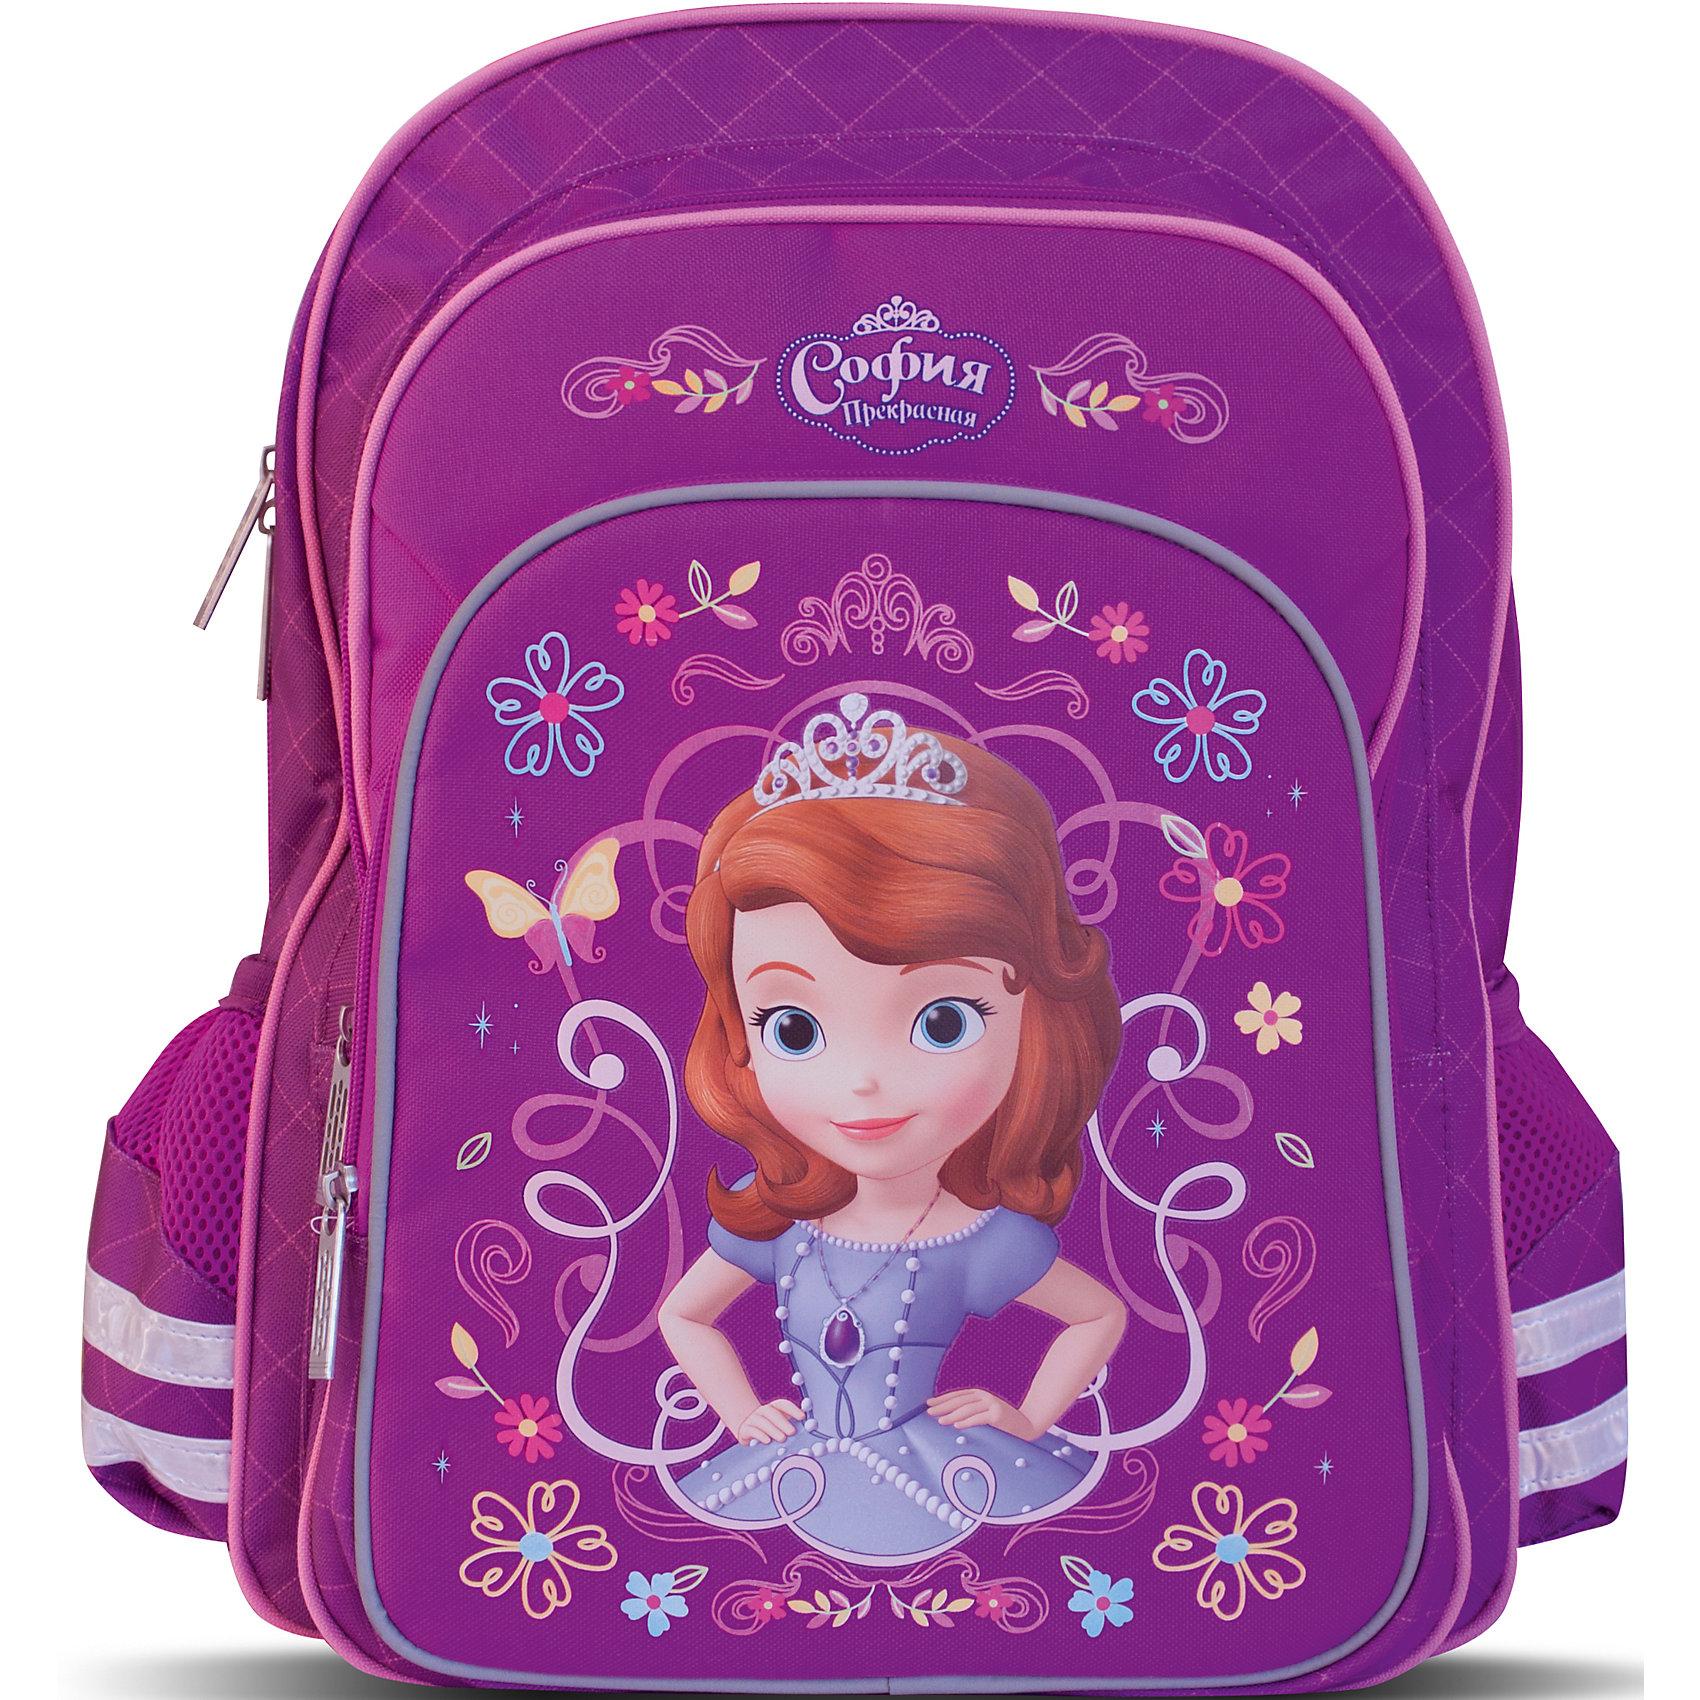 Ортопедический рюкзак София ПрекраснаяМягкий ортопедический рюкзак Disney «София» идеален для школы. Он имеет два объемных отделения на молнии: одно – основное, подходящее для учебников, с одним карманом для тетрадей; второе – поменьше, но достаточно вместительное для формата А4. Спереди размещается большой карман на молнии, внутри которого есть два маленьких кармашка, подходящих для кошелька или телефона. Два боковых сетчатых кармашка на резинках пригодятся для мелких предметов. Удобная ортопедическая спинка, созданная по специальной технологии из дышащего плотного и мягкого поролона, равномерно распределяет нагрузку на позвоночник. Мягкие анатомические регулируемые лямки оберегают плечи ребенка от натирания. Светоотражающие элементы, расположенные на лямках, лицевом и боковых карманах, повышают безопасность ребенка на дороге в темное время суток. Прорезиненная ручка удобна для переноски рюкзака в руке или размещения на вешалке. <br>Аксессуар декорирован модным принтом (сублимированной печатью). <br><br>Дополнительная информация:<br><br>Размер: 38х28х13 см.<br>Вес: 760 г.<br><br>Ортопедический рюкзак София Прекрасная можно купить в нашем магазине.<br><br>Ширина мм: 390<br>Глубина мм: 320<br>Высота мм: 60<br>Вес г: 760<br>Возраст от месяцев: 36<br>Возраст до месяцев: 120<br>Пол: Женский<br>Возраст: Детский<br>SKU: 4646743